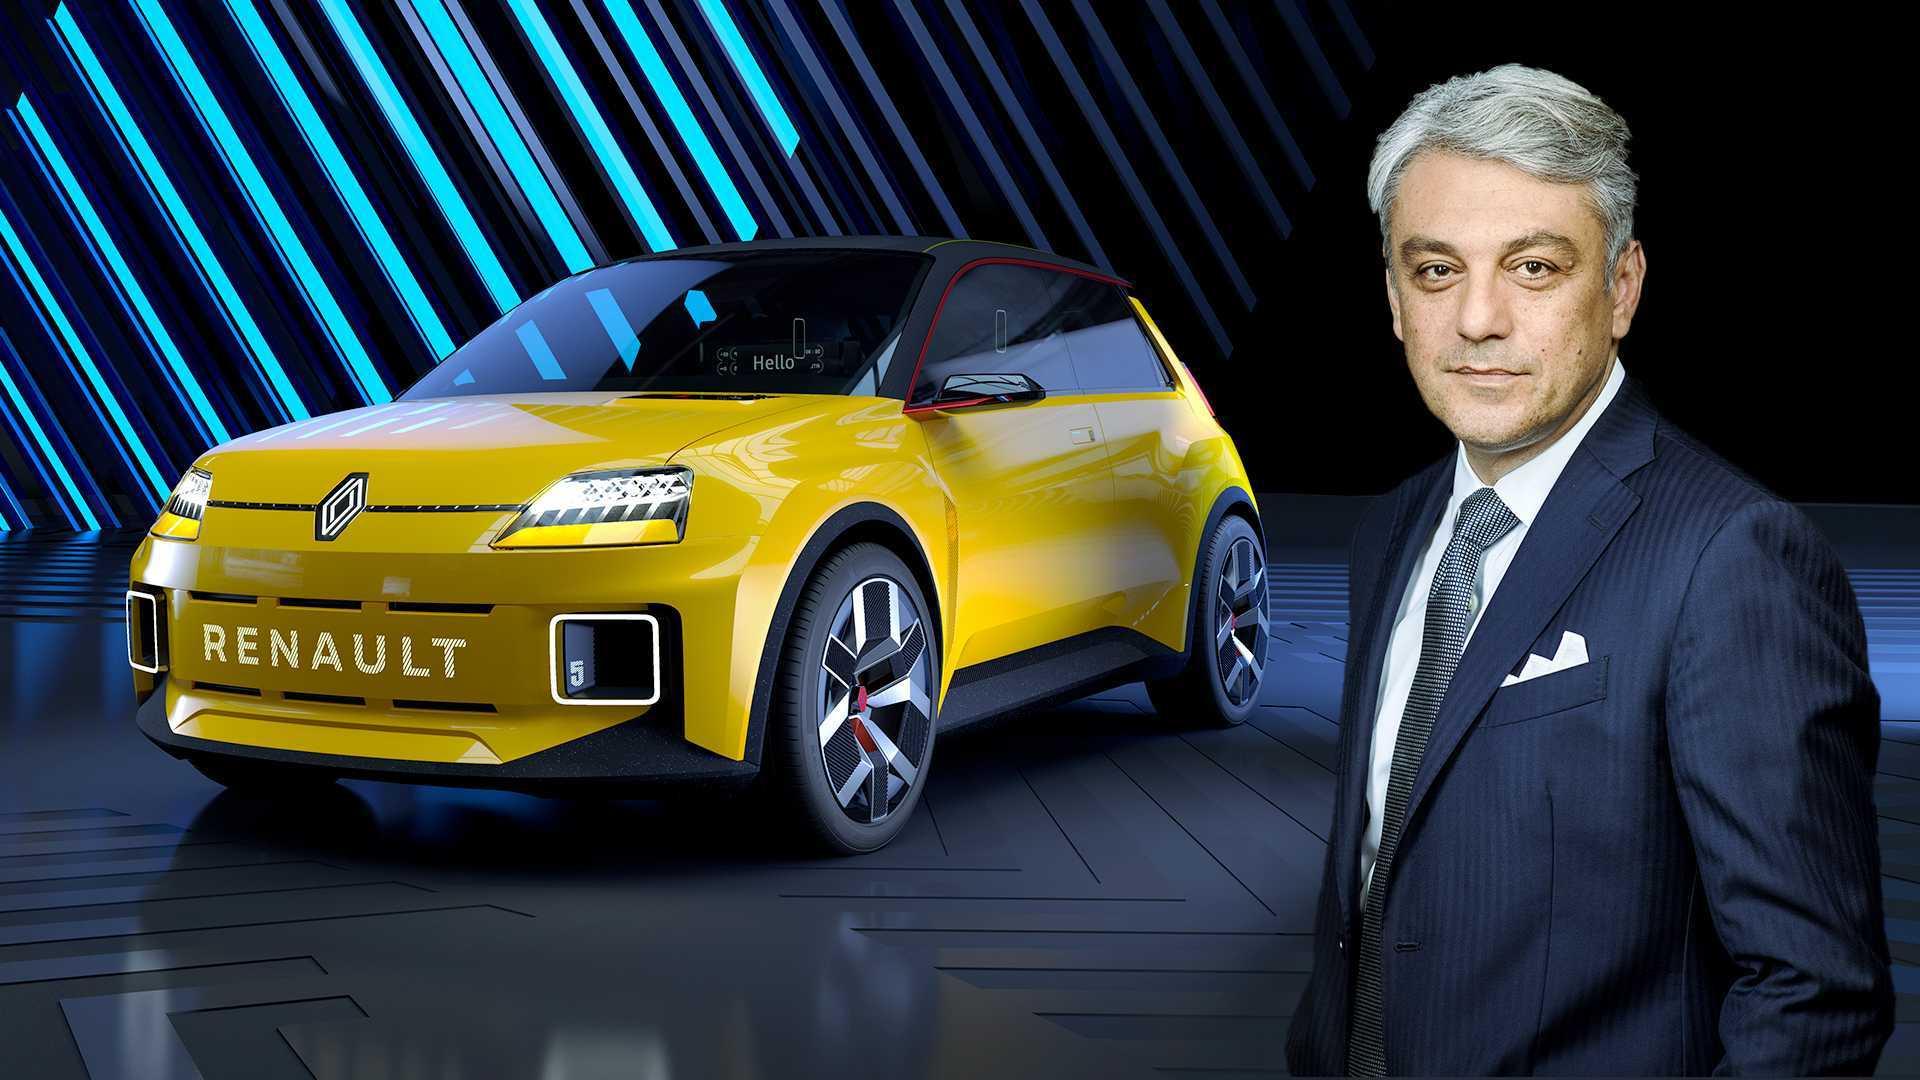 Renault stupisce tutti: De Meo vuole (ri)provare il battery swap